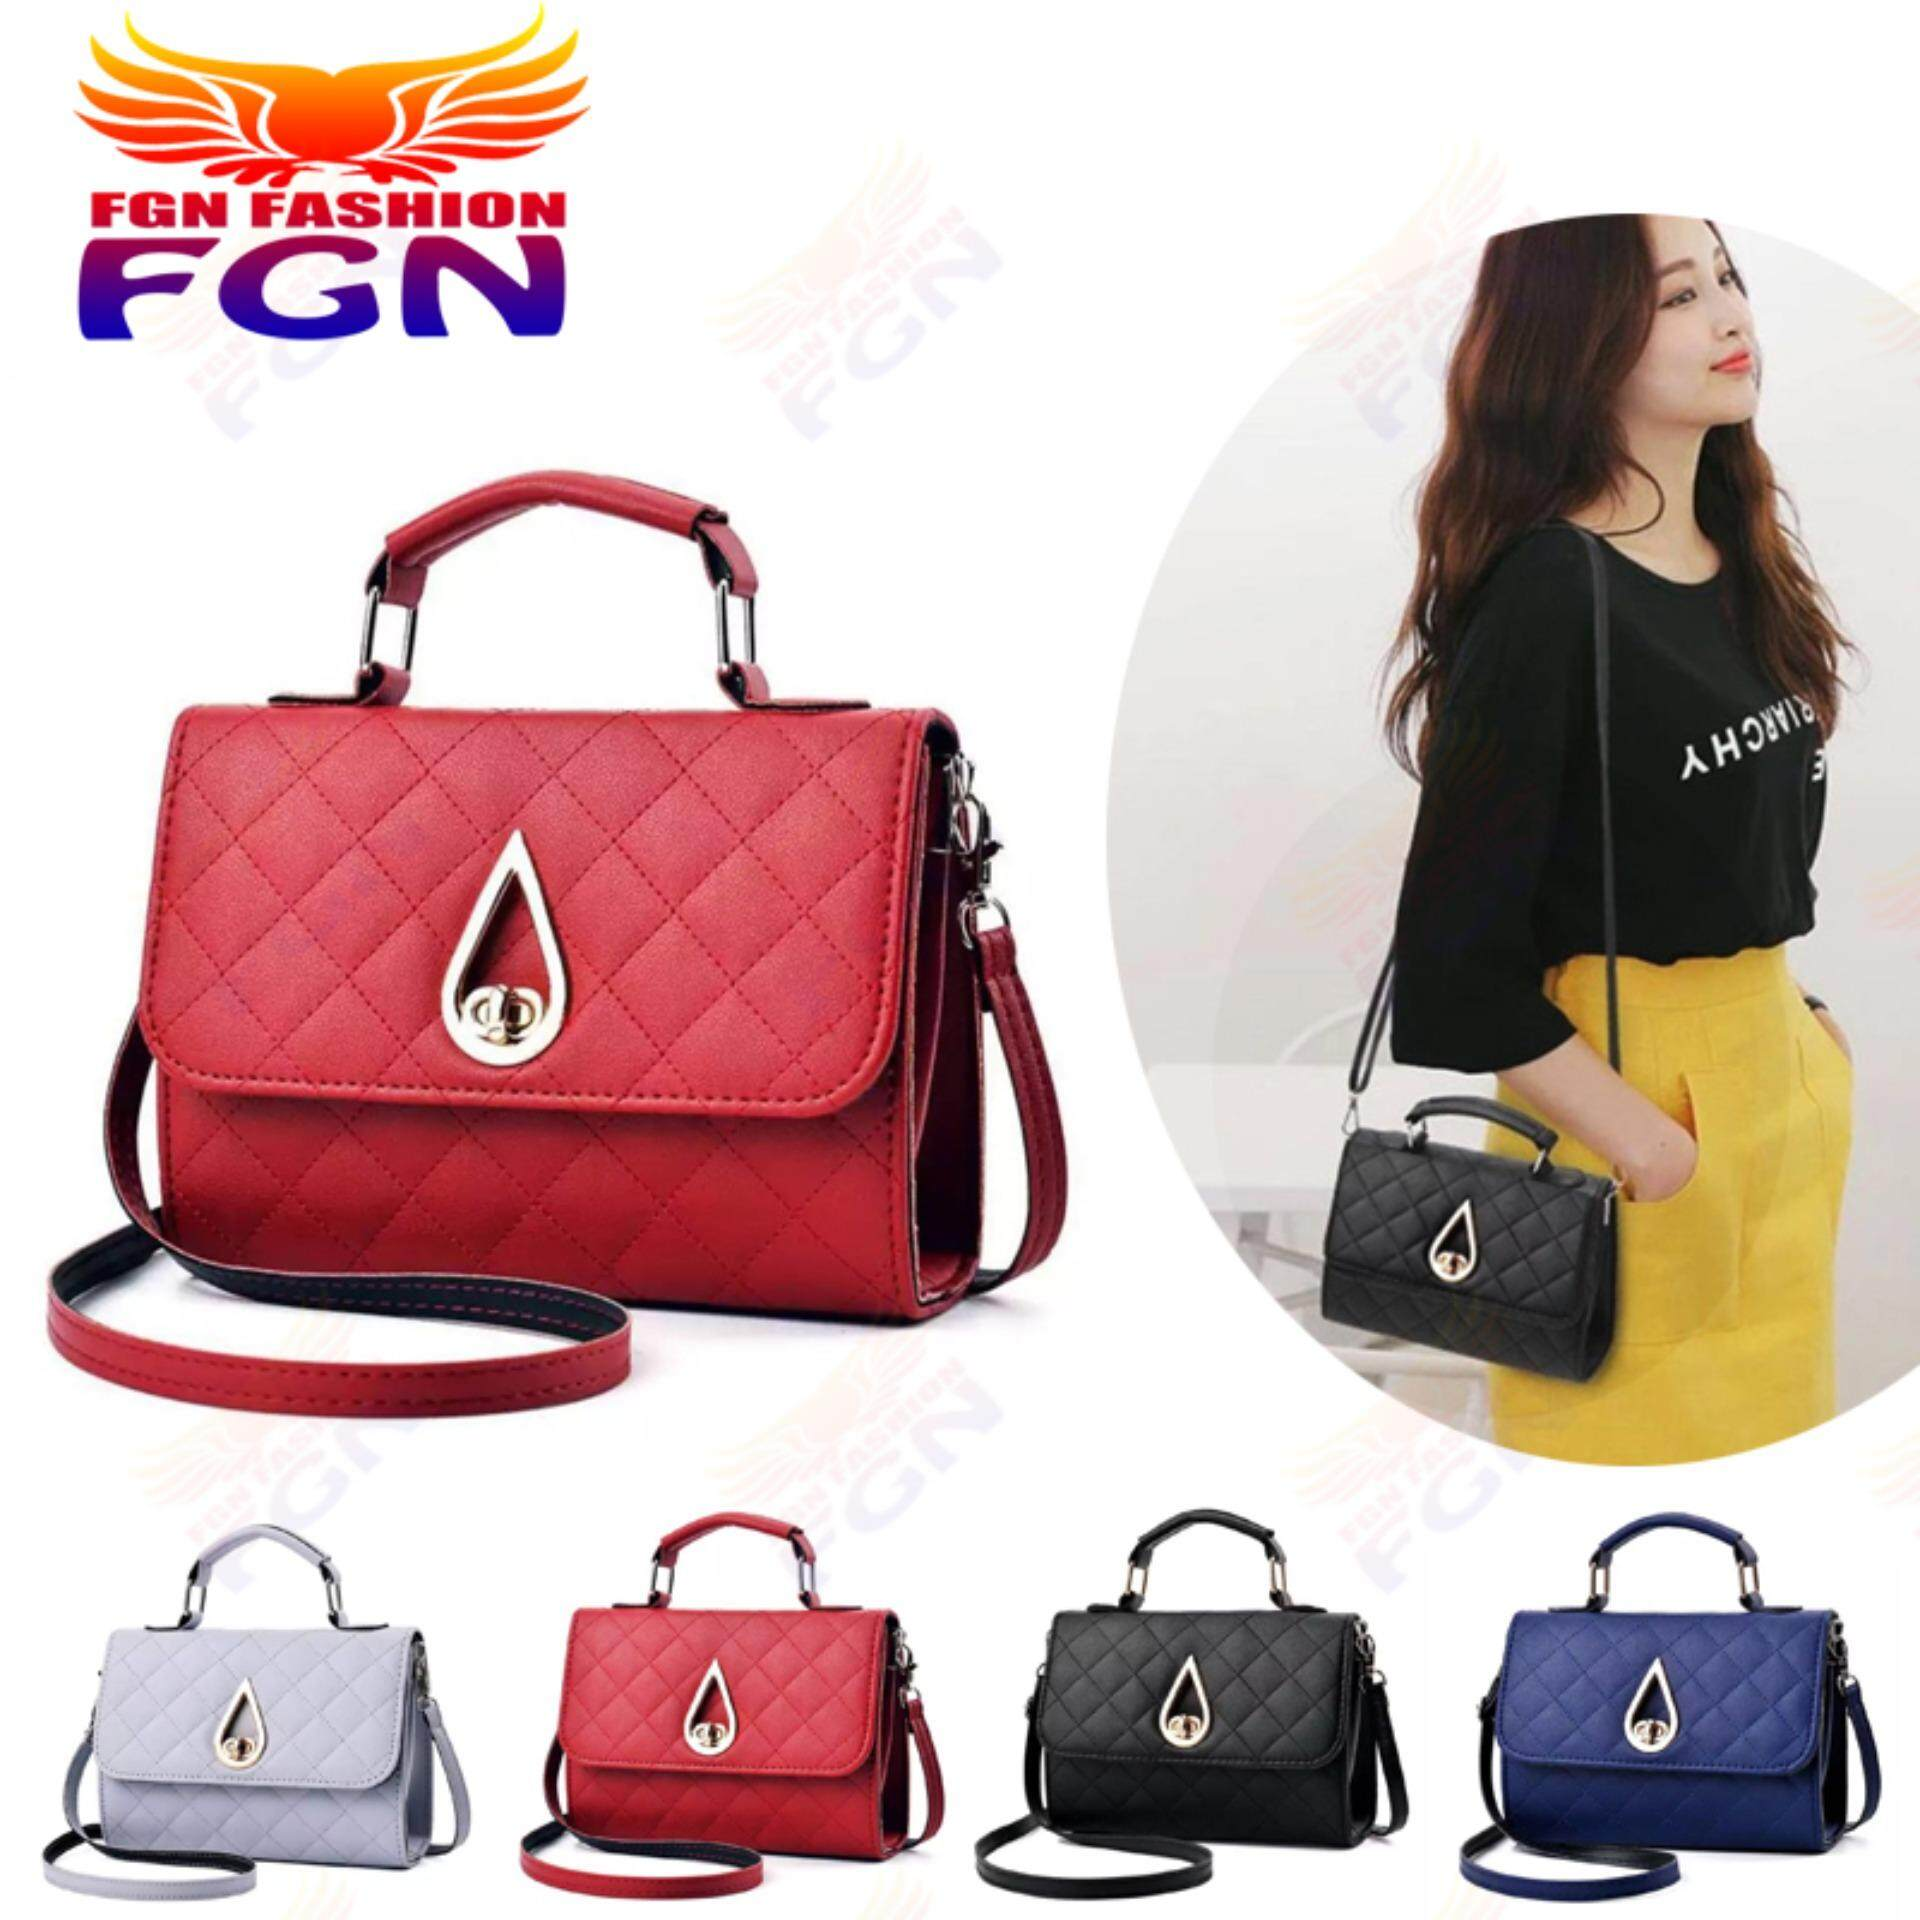 กระเป๋าสะพายพาดลำตัว นักเรียน ผู้หญิง วัยรุ่น ชุมพร FGN กระเป๋า กระเป๋าสะพาย กระเป๋าสะพายพาดลำตัว Women Shoulder bag FGN 086  มีสีให้เลือก4สี (สีแดง)